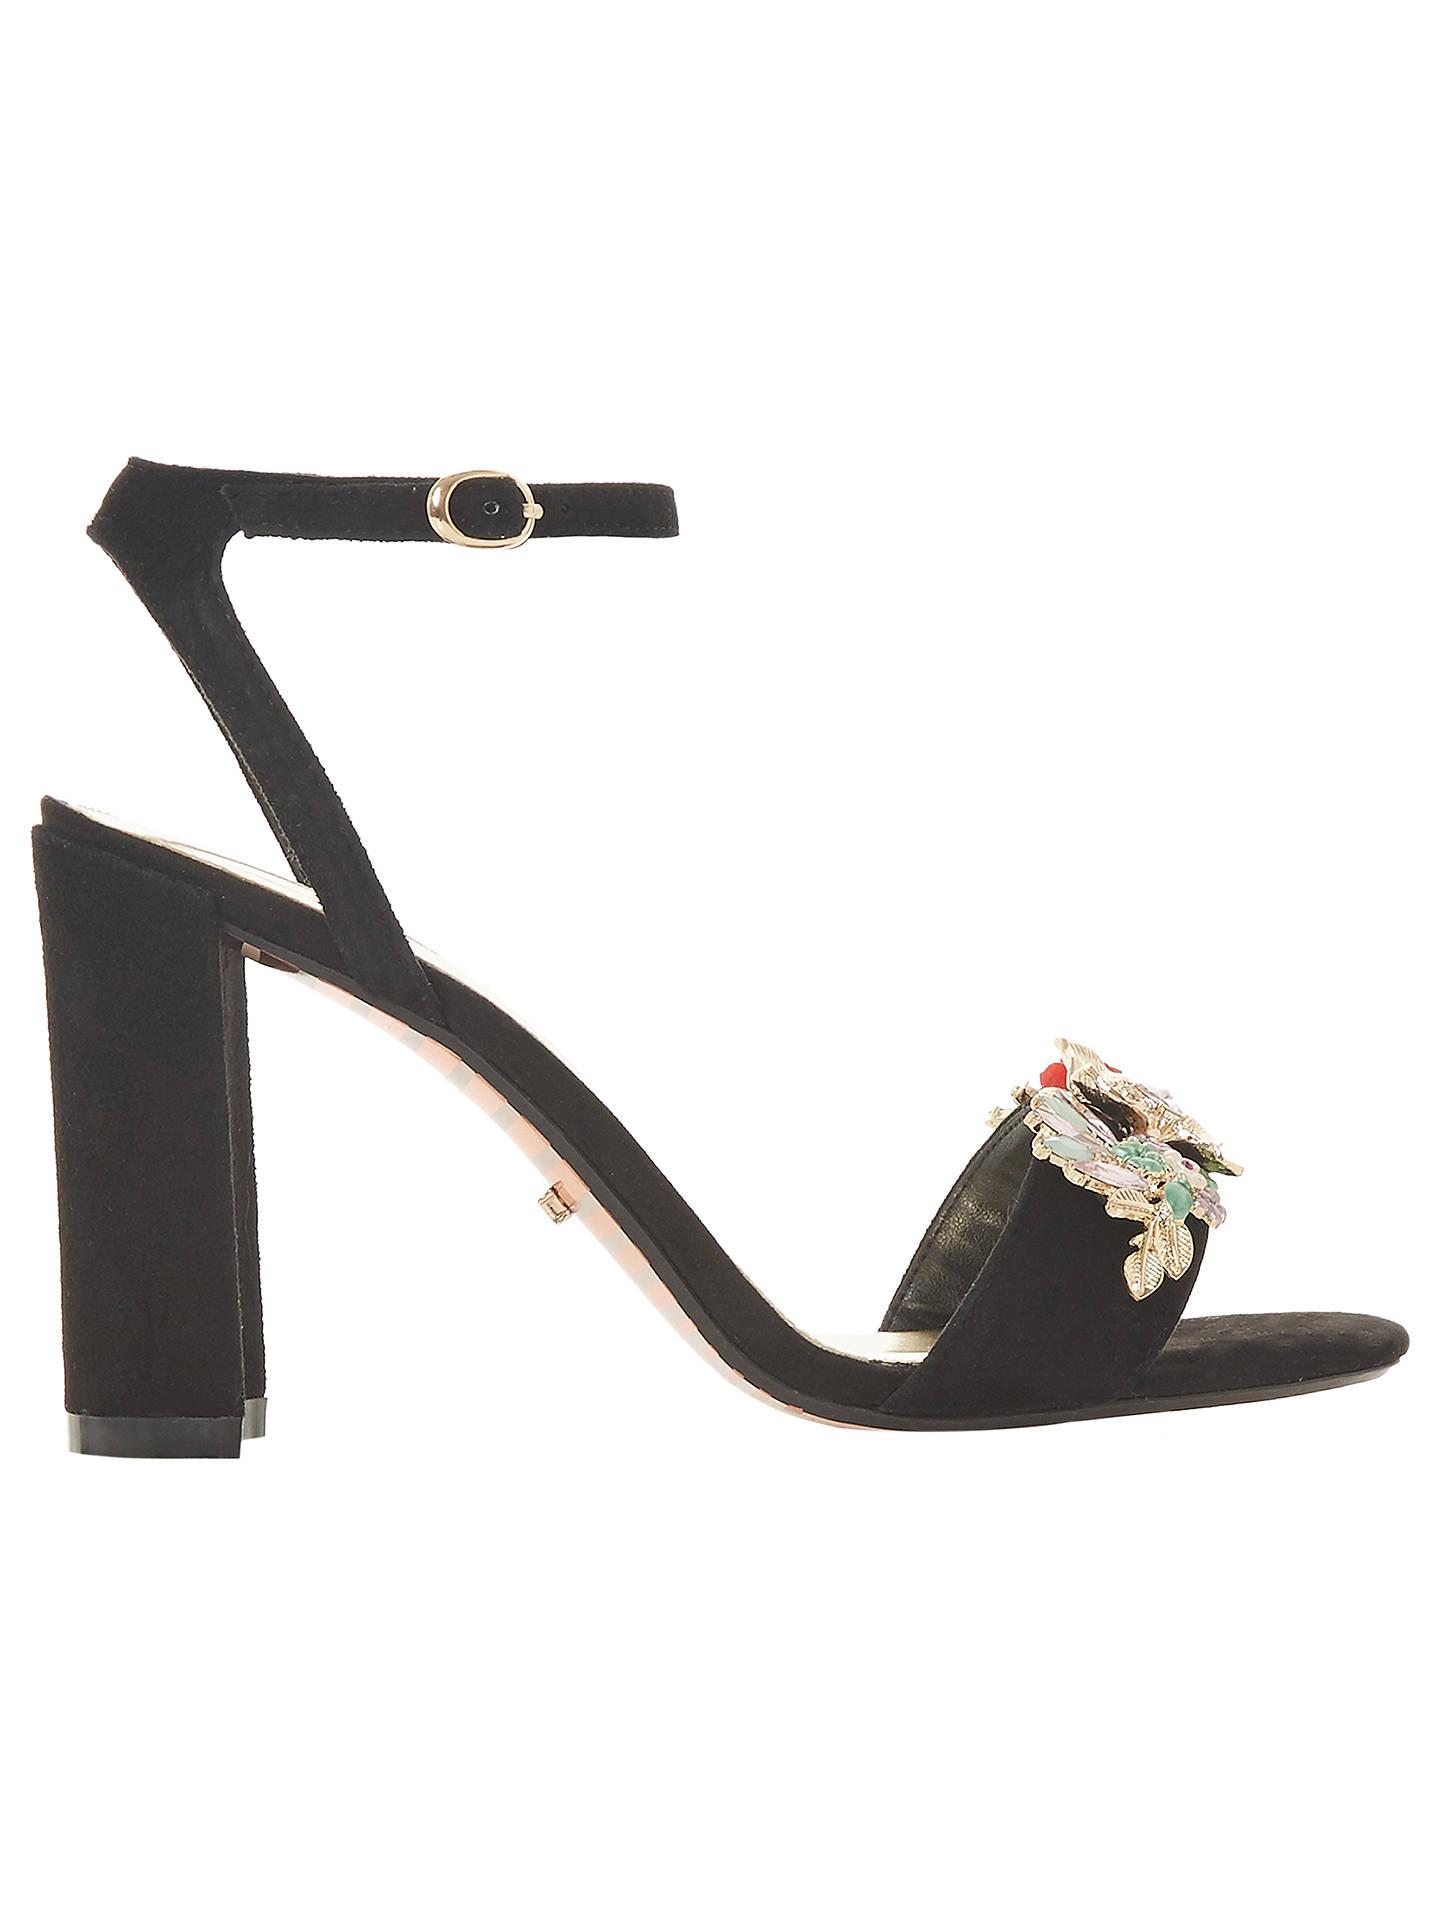 99b032dd16 Buy Dune Moretto Embellished Block Heel Sandals, Black, 3 Online at  johnlewis.com ...